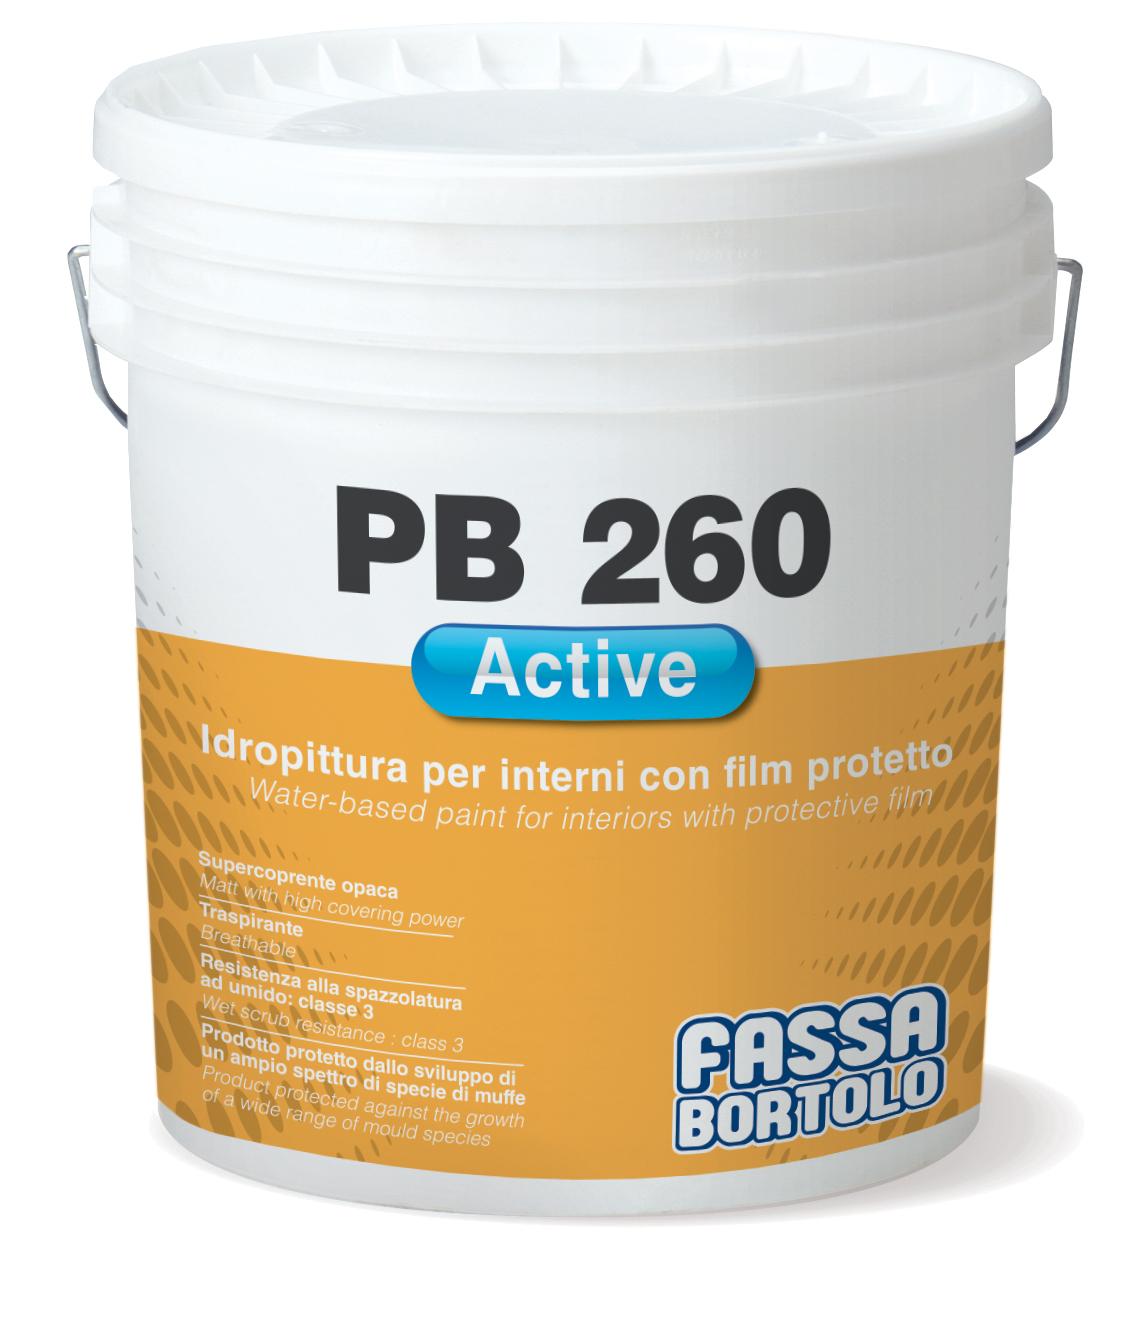 PB 260 ACTIVE: Wasserbasierter Anstrich mit Schutzfilm